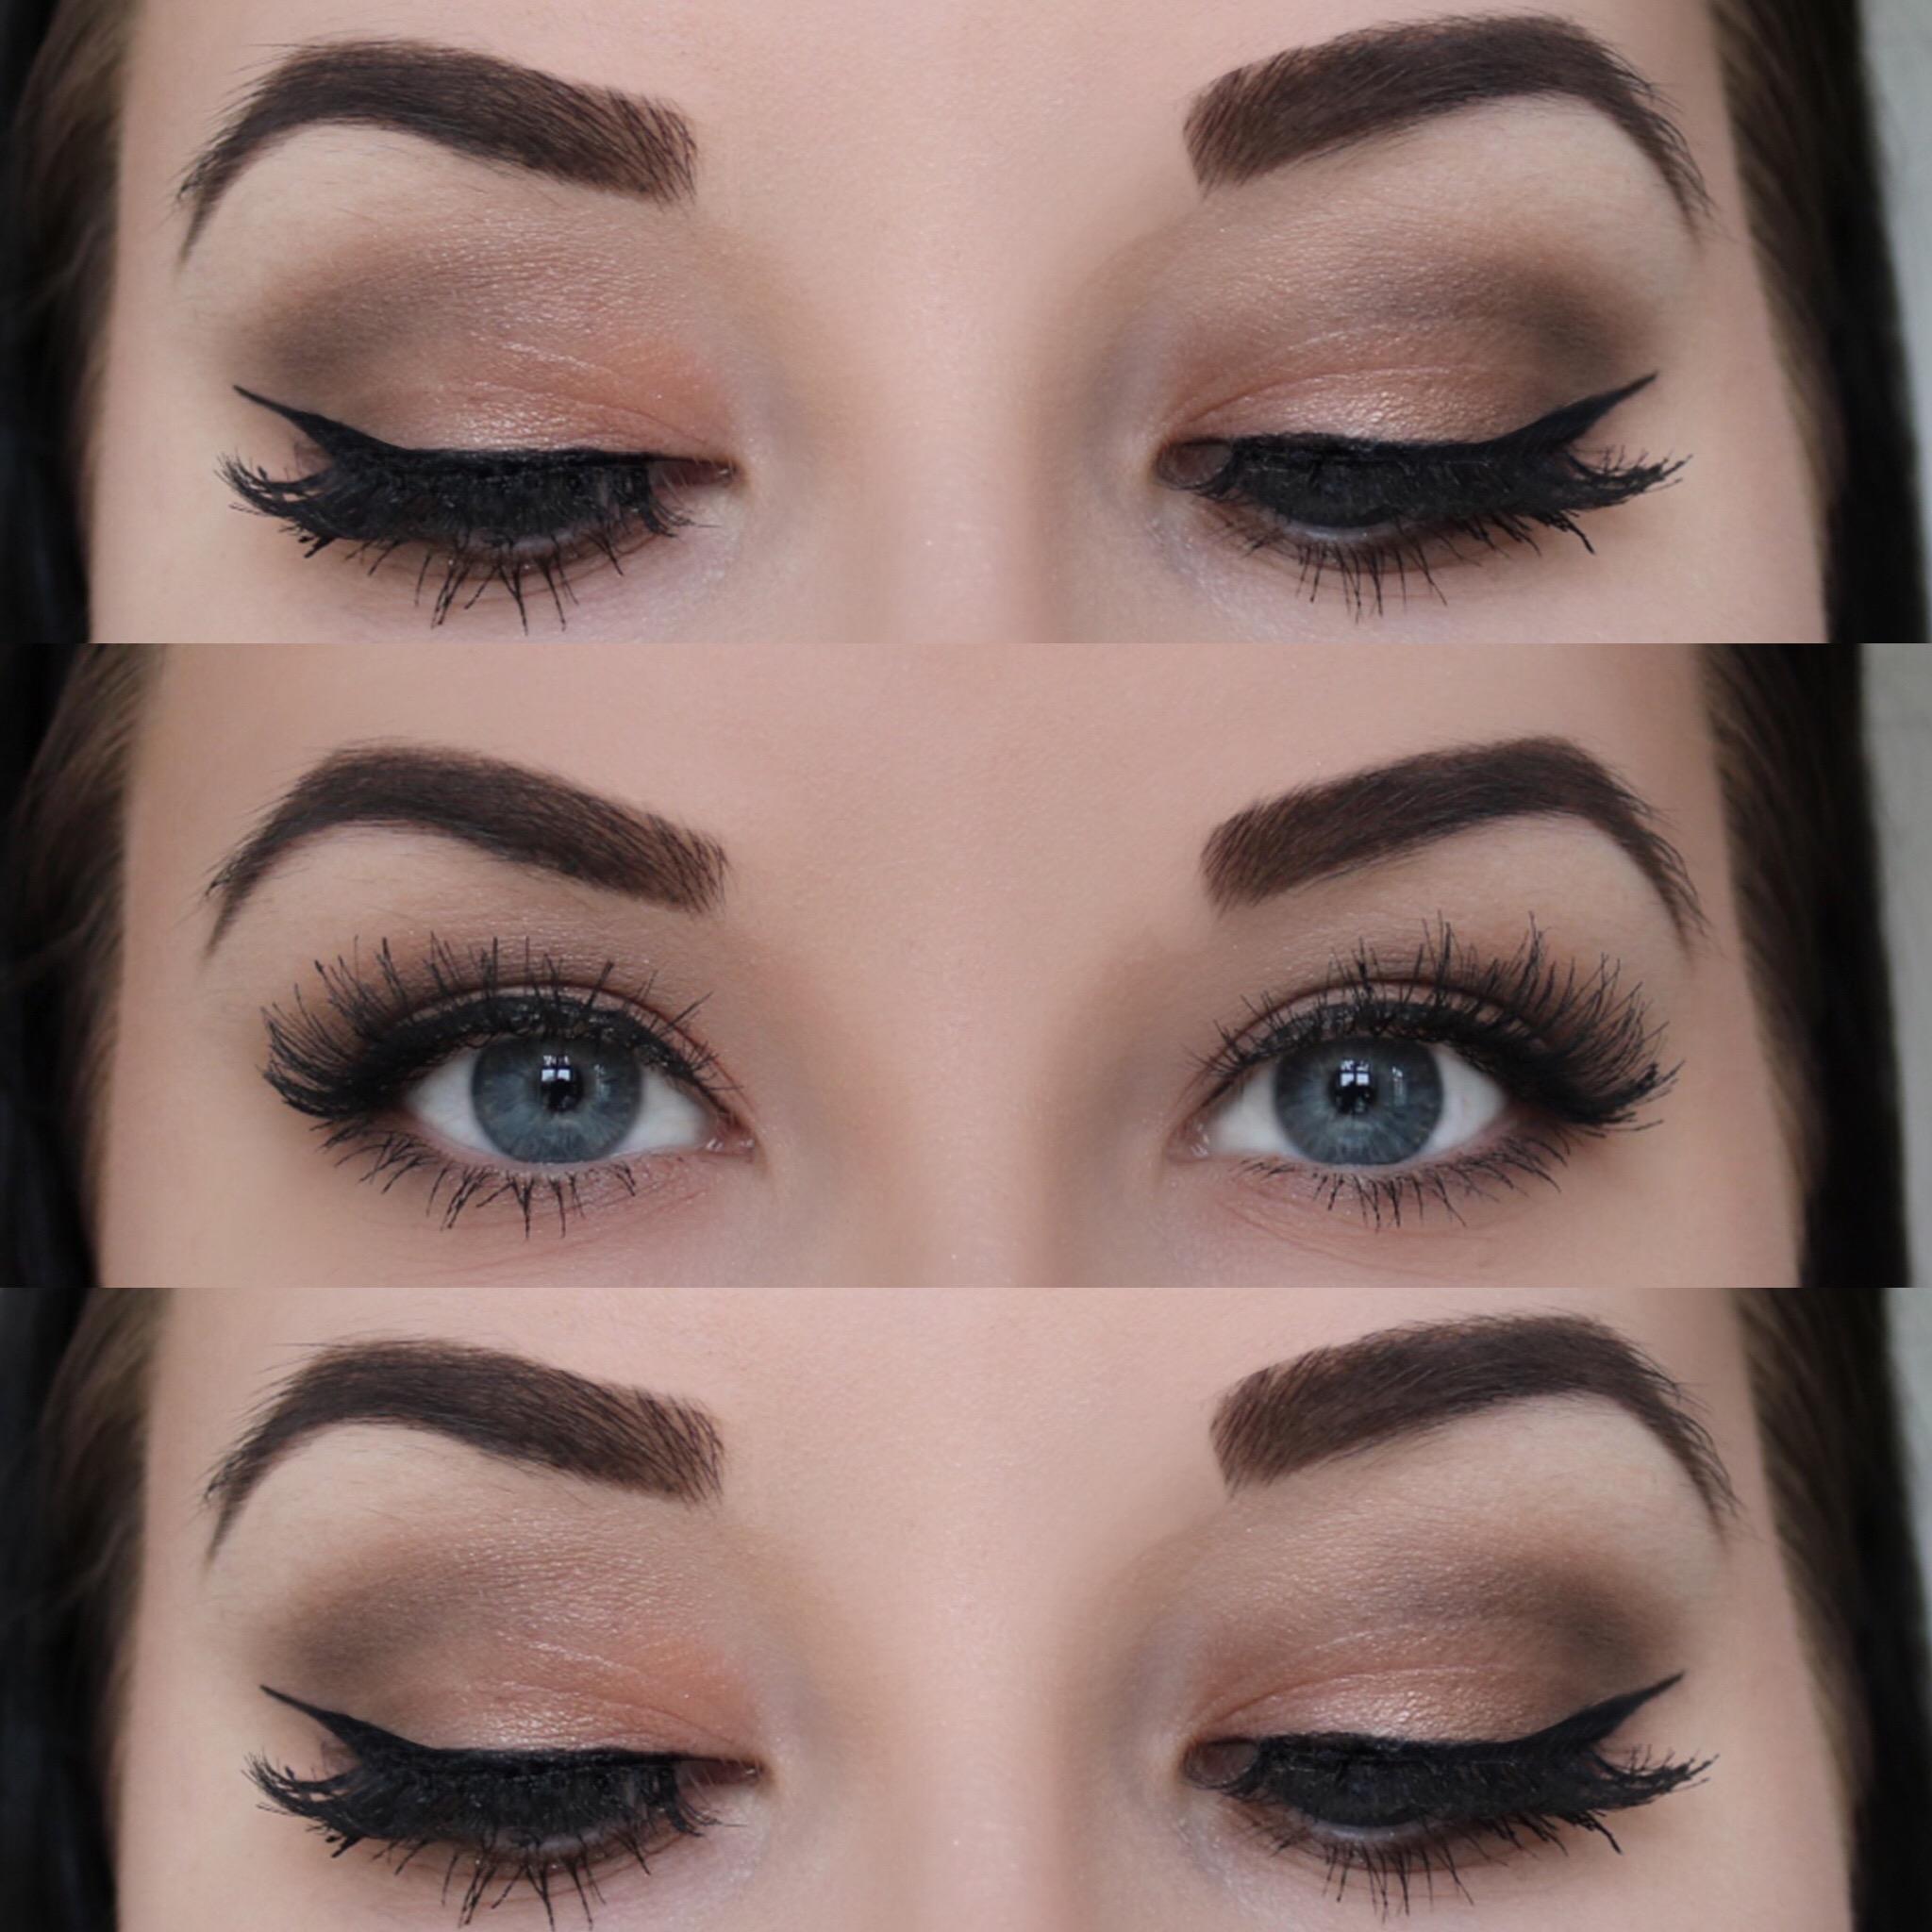 Mörk sotning Tarte Cosmetics tips skönhetsblogg amandahans sminkning